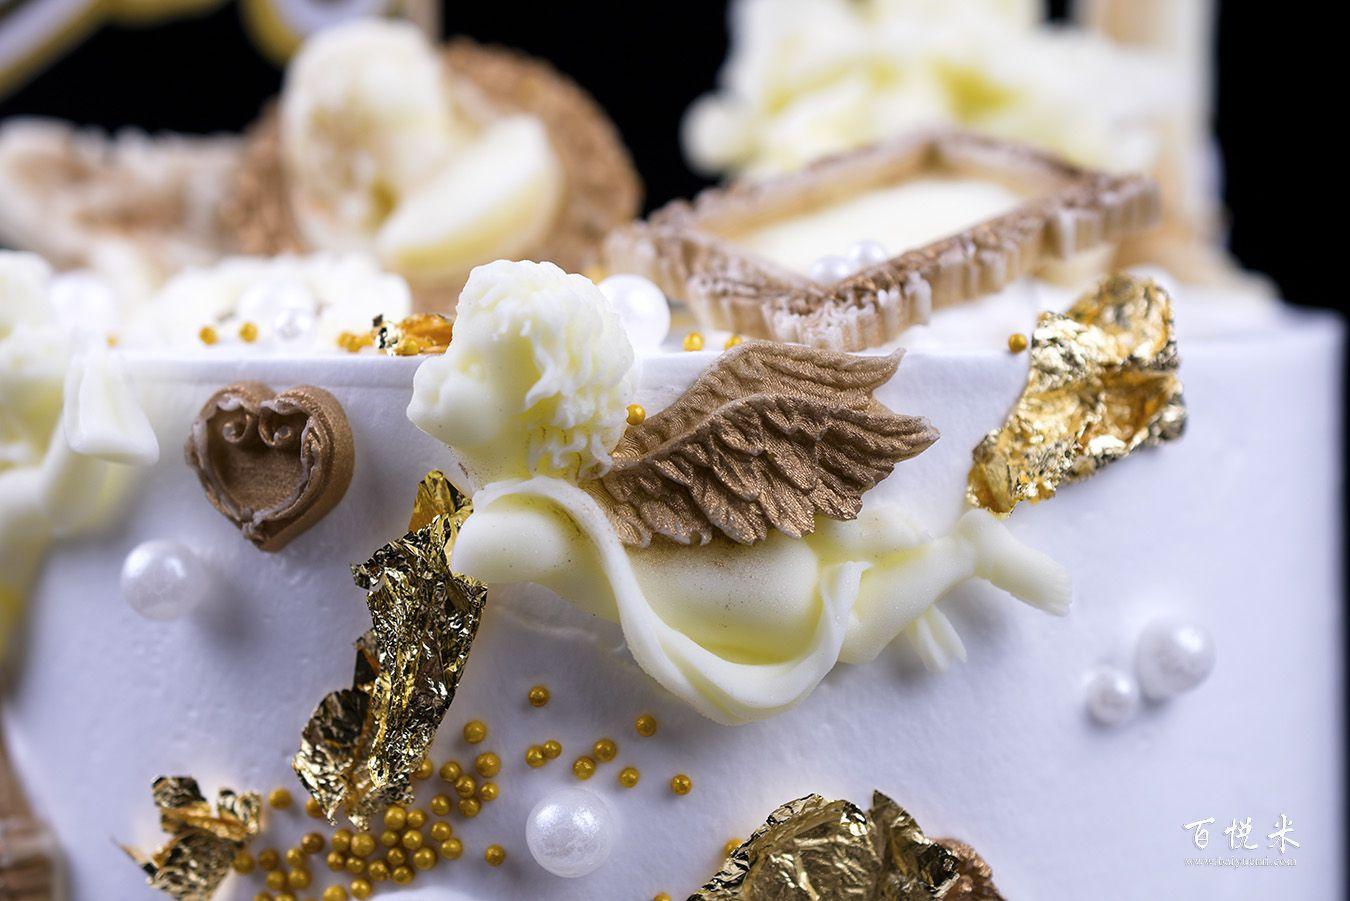 罗马天使浮雕蛋糕高清图片大全【蛋糕图片】_1067